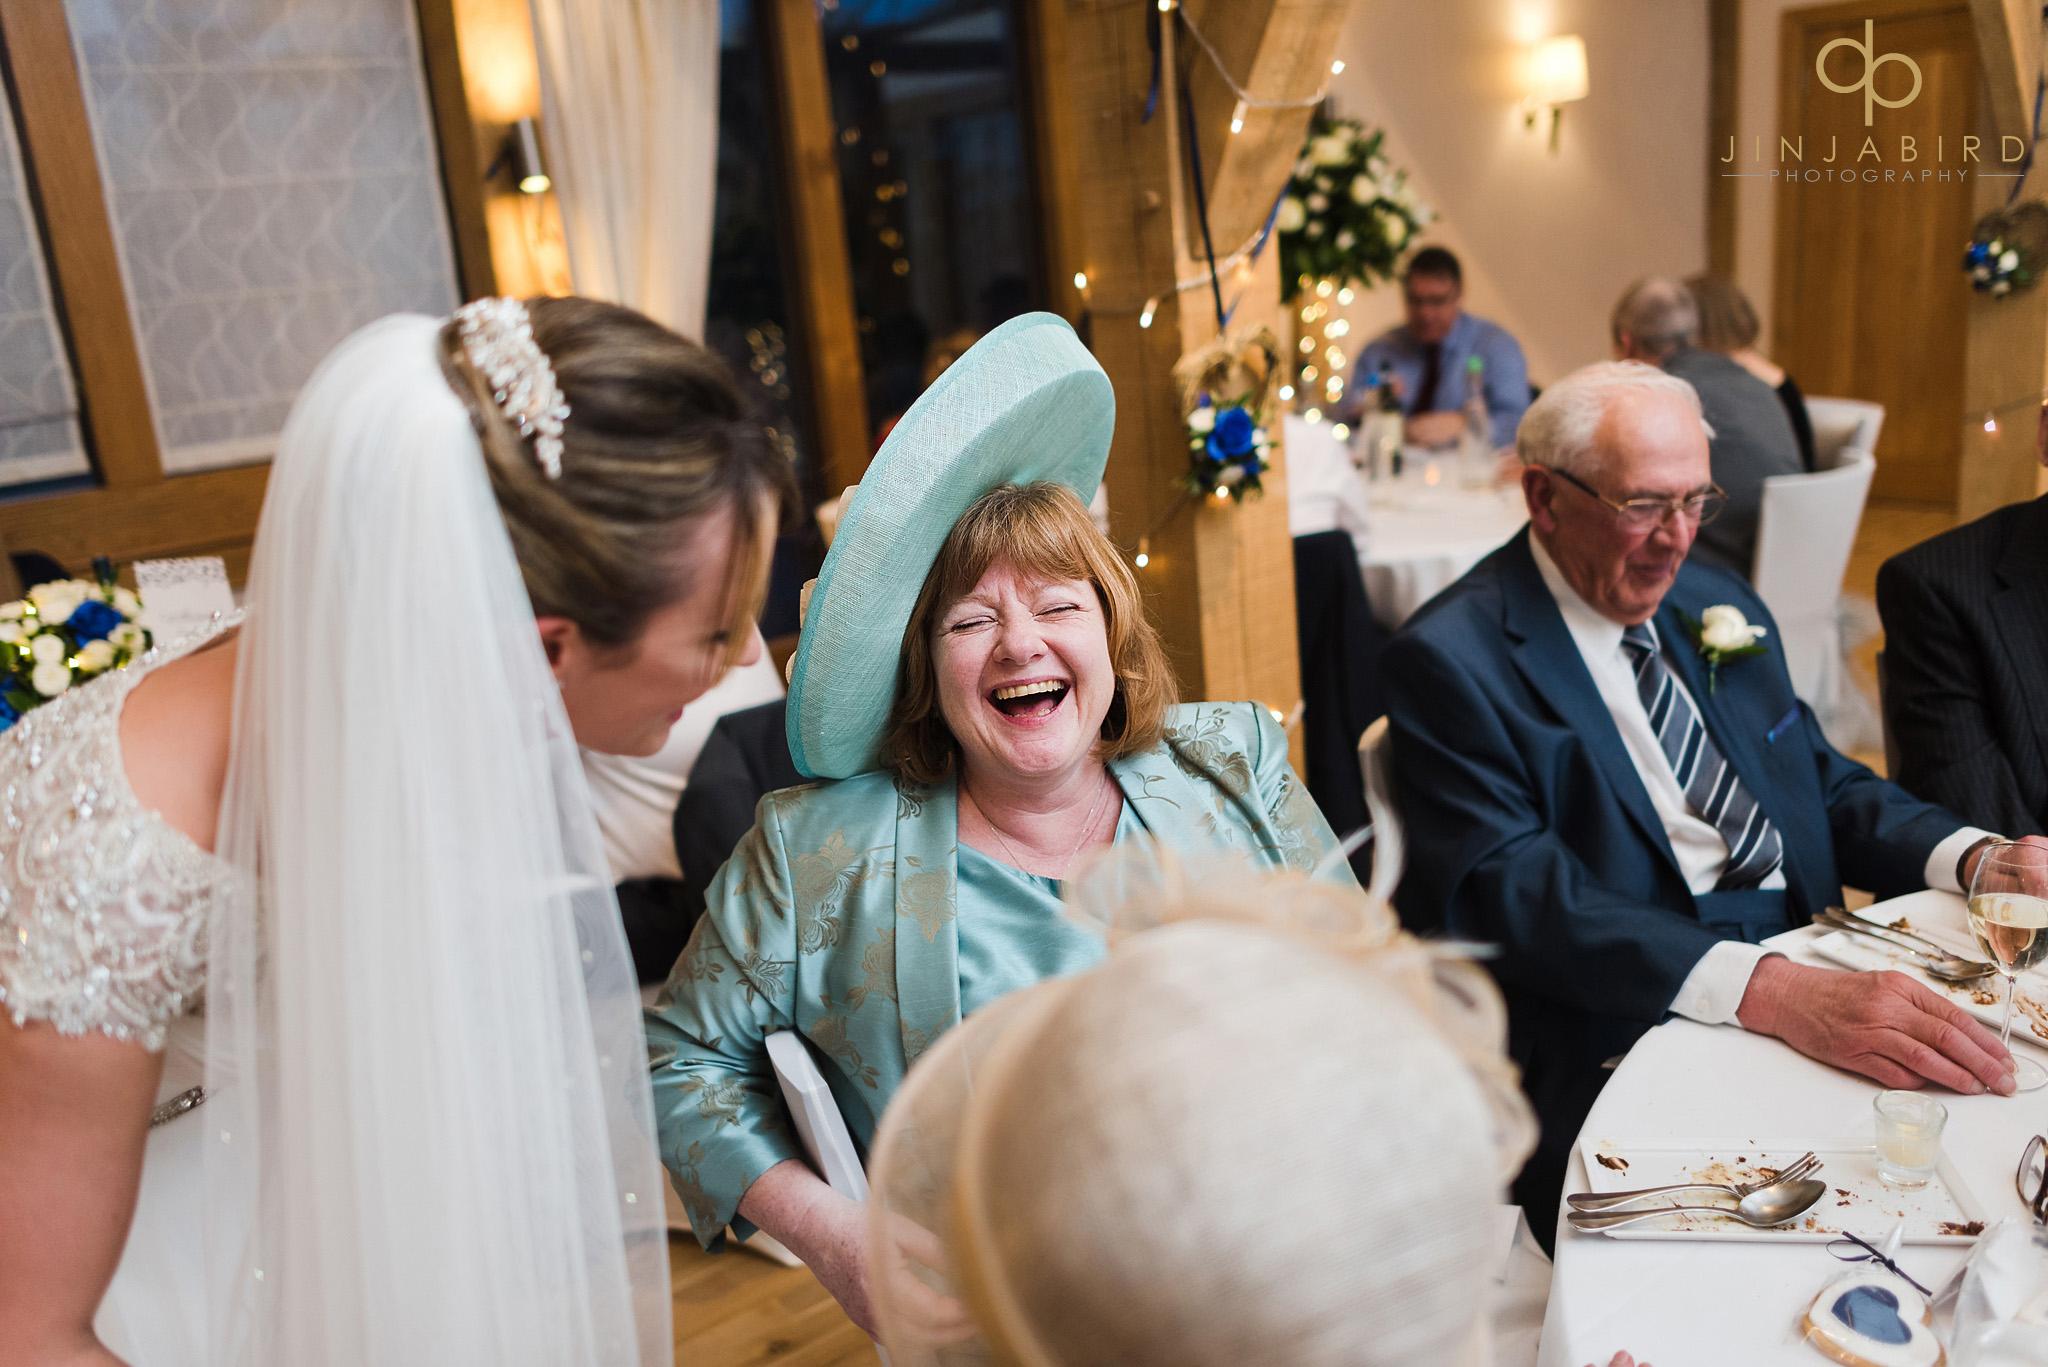 wedding guest in big wedding hat